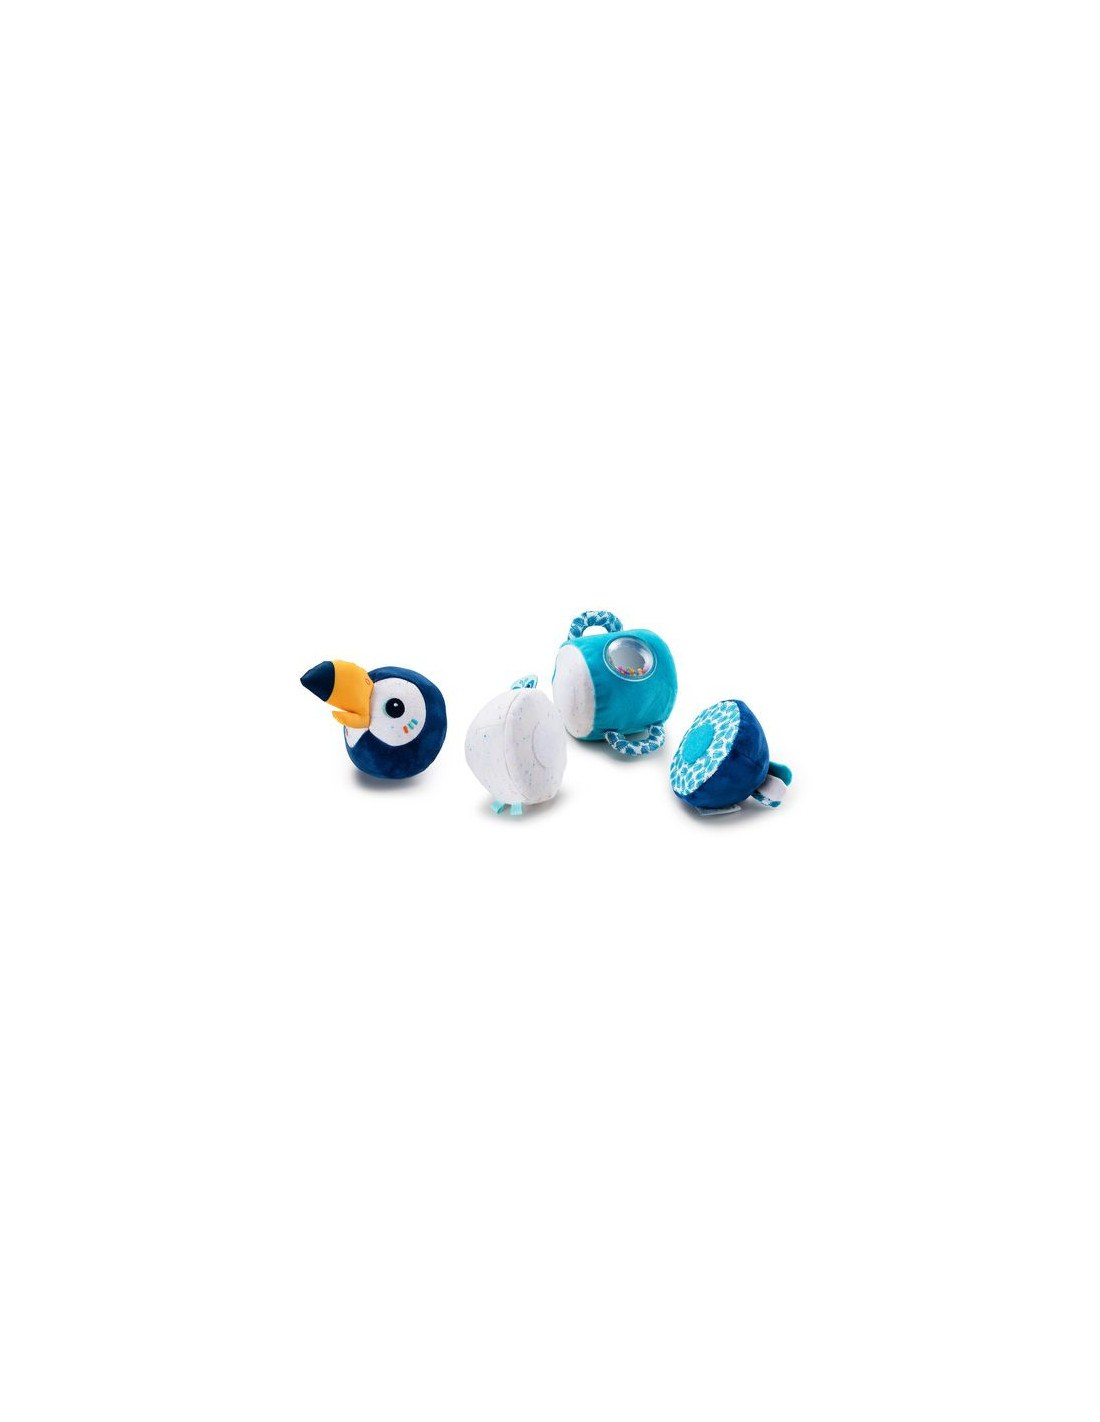 pablo-rouleau-sonore-lilliputiens (1)